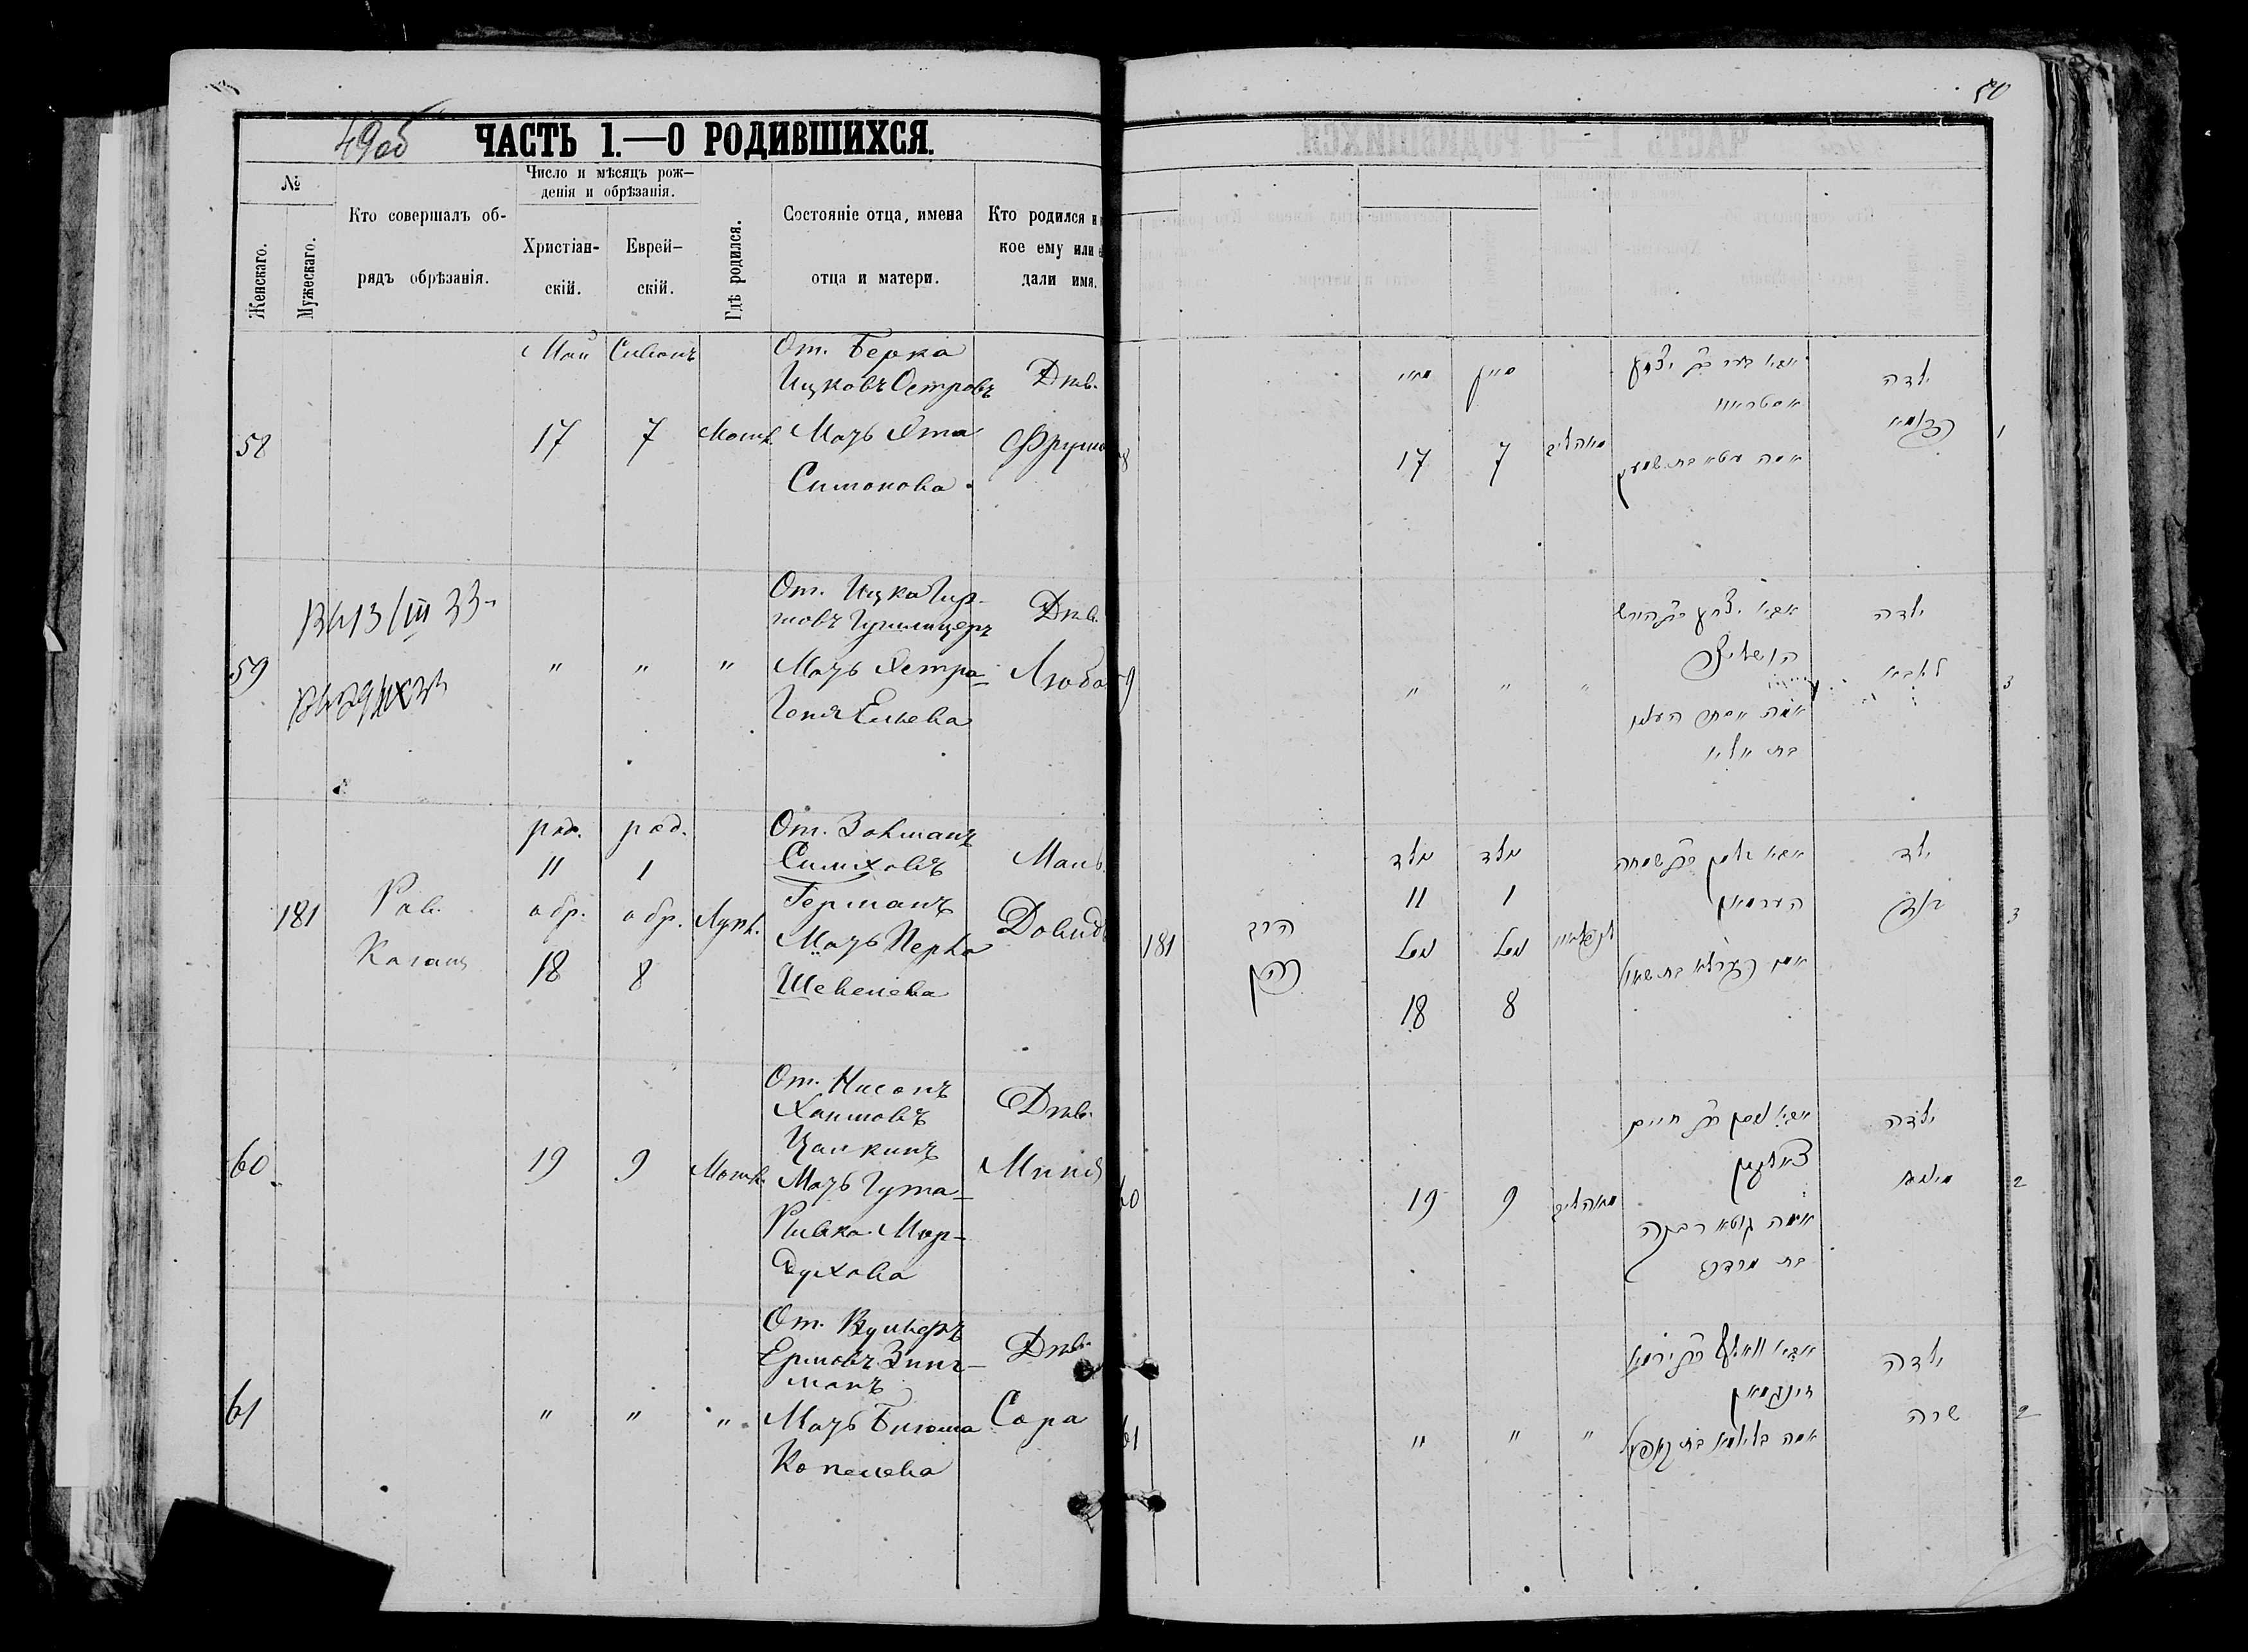 Фрума Остров 17 мая 1879, запись 58, пленка 007766481, снимок 937